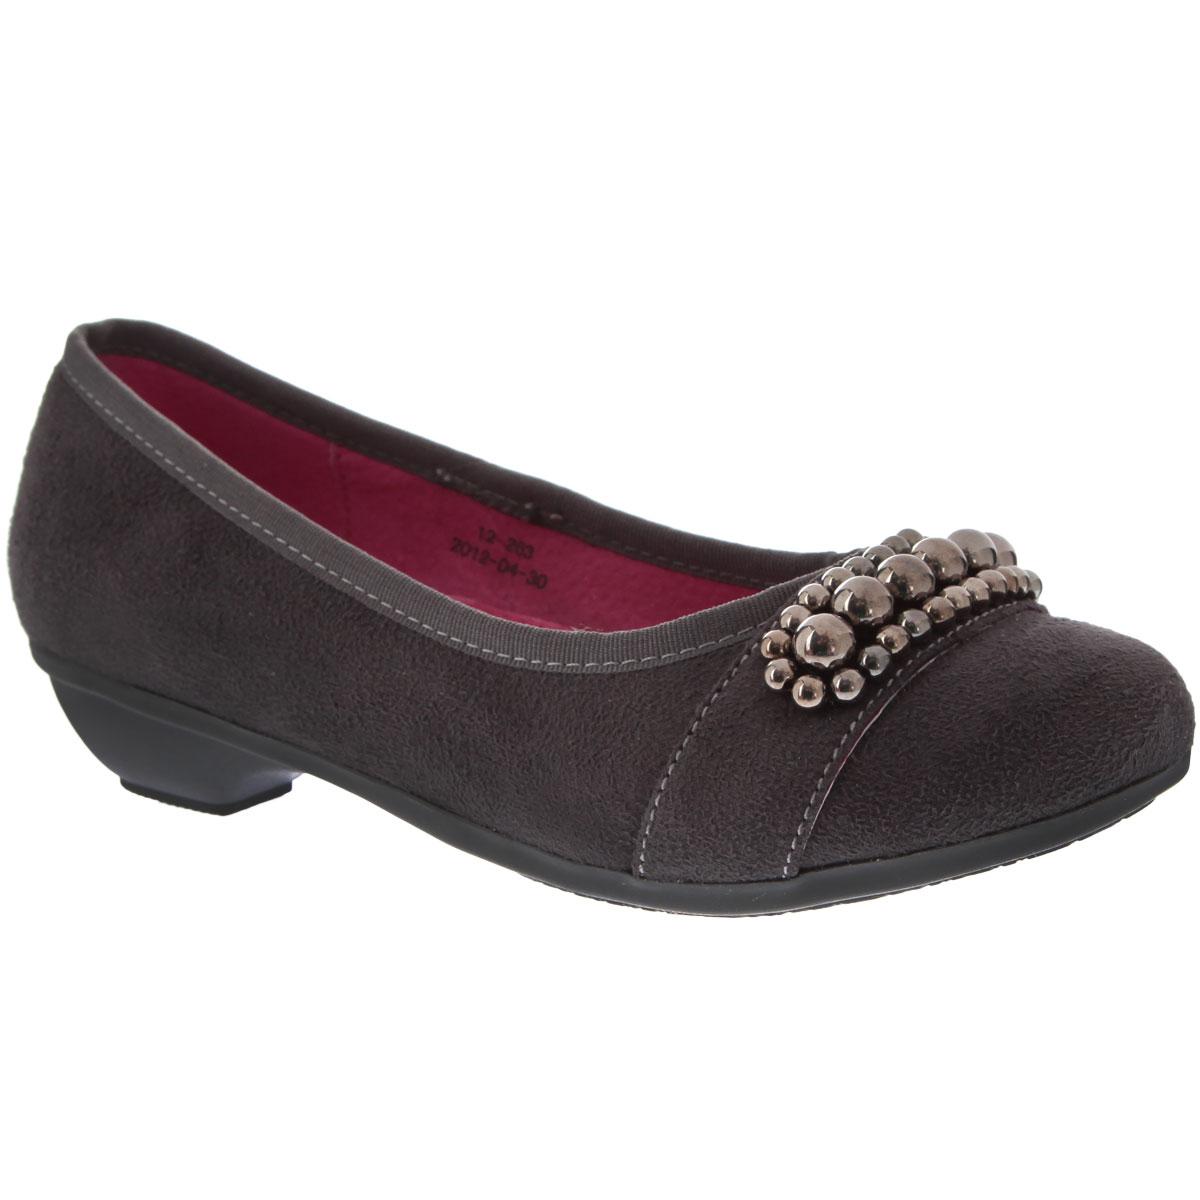 Туфли для девочки Аллигаша, цвет: серый. 12-263. Размер 3112-263Классическая школьная модель туфлей на не большом изящном каблучке придется по вкусу юной моднице. Модель выполнена из высококачественной искусственной замши. Мысок стильно оформлен бусинами. Стелька из натуральной кожи дополнена супинатором с перфорацией, который обеспечивает правильное положение ноги ребенка при ходьбе, предотвращает плоскостопие. Ажурная поверхность подошвы защищает изделие от скольжения. Идеальный выбор на школьный сезон.